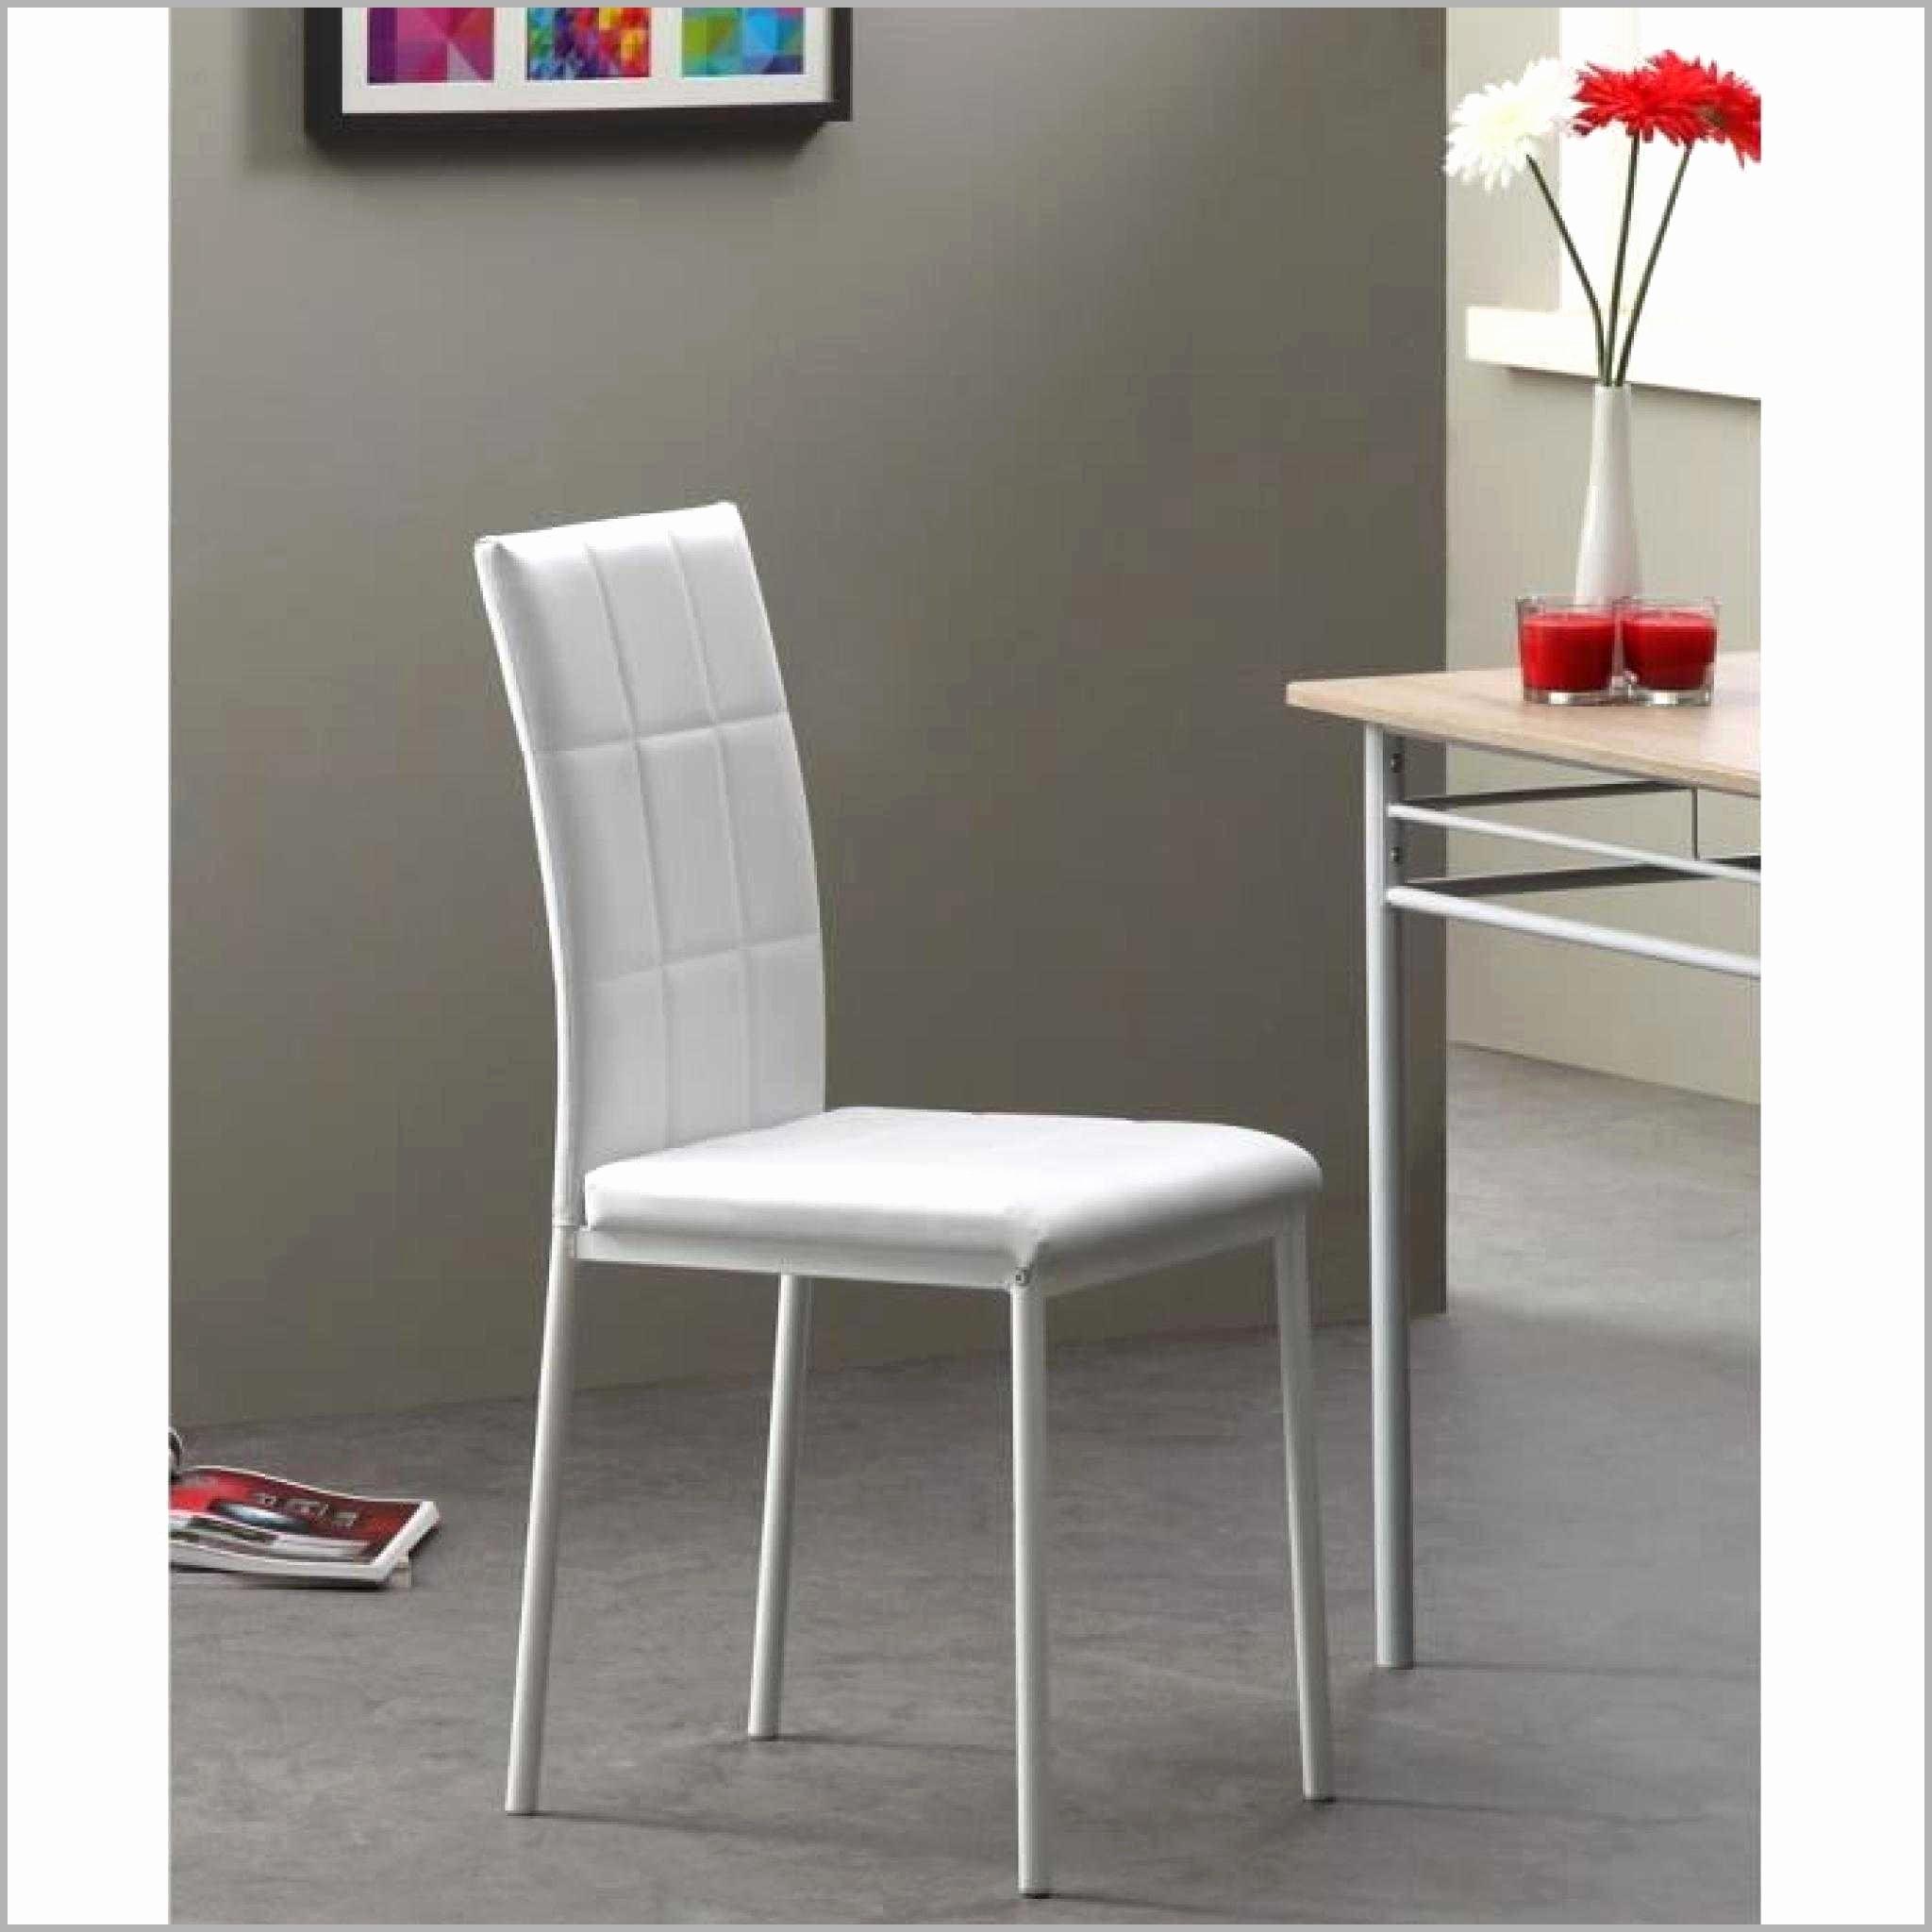 Fauteuil Table à Manger Inspirant Chaise De Salle A Manger Ikea Inspiré Manger Chez Ikea Of 22 Nouveau Fauteuil Table à Manger